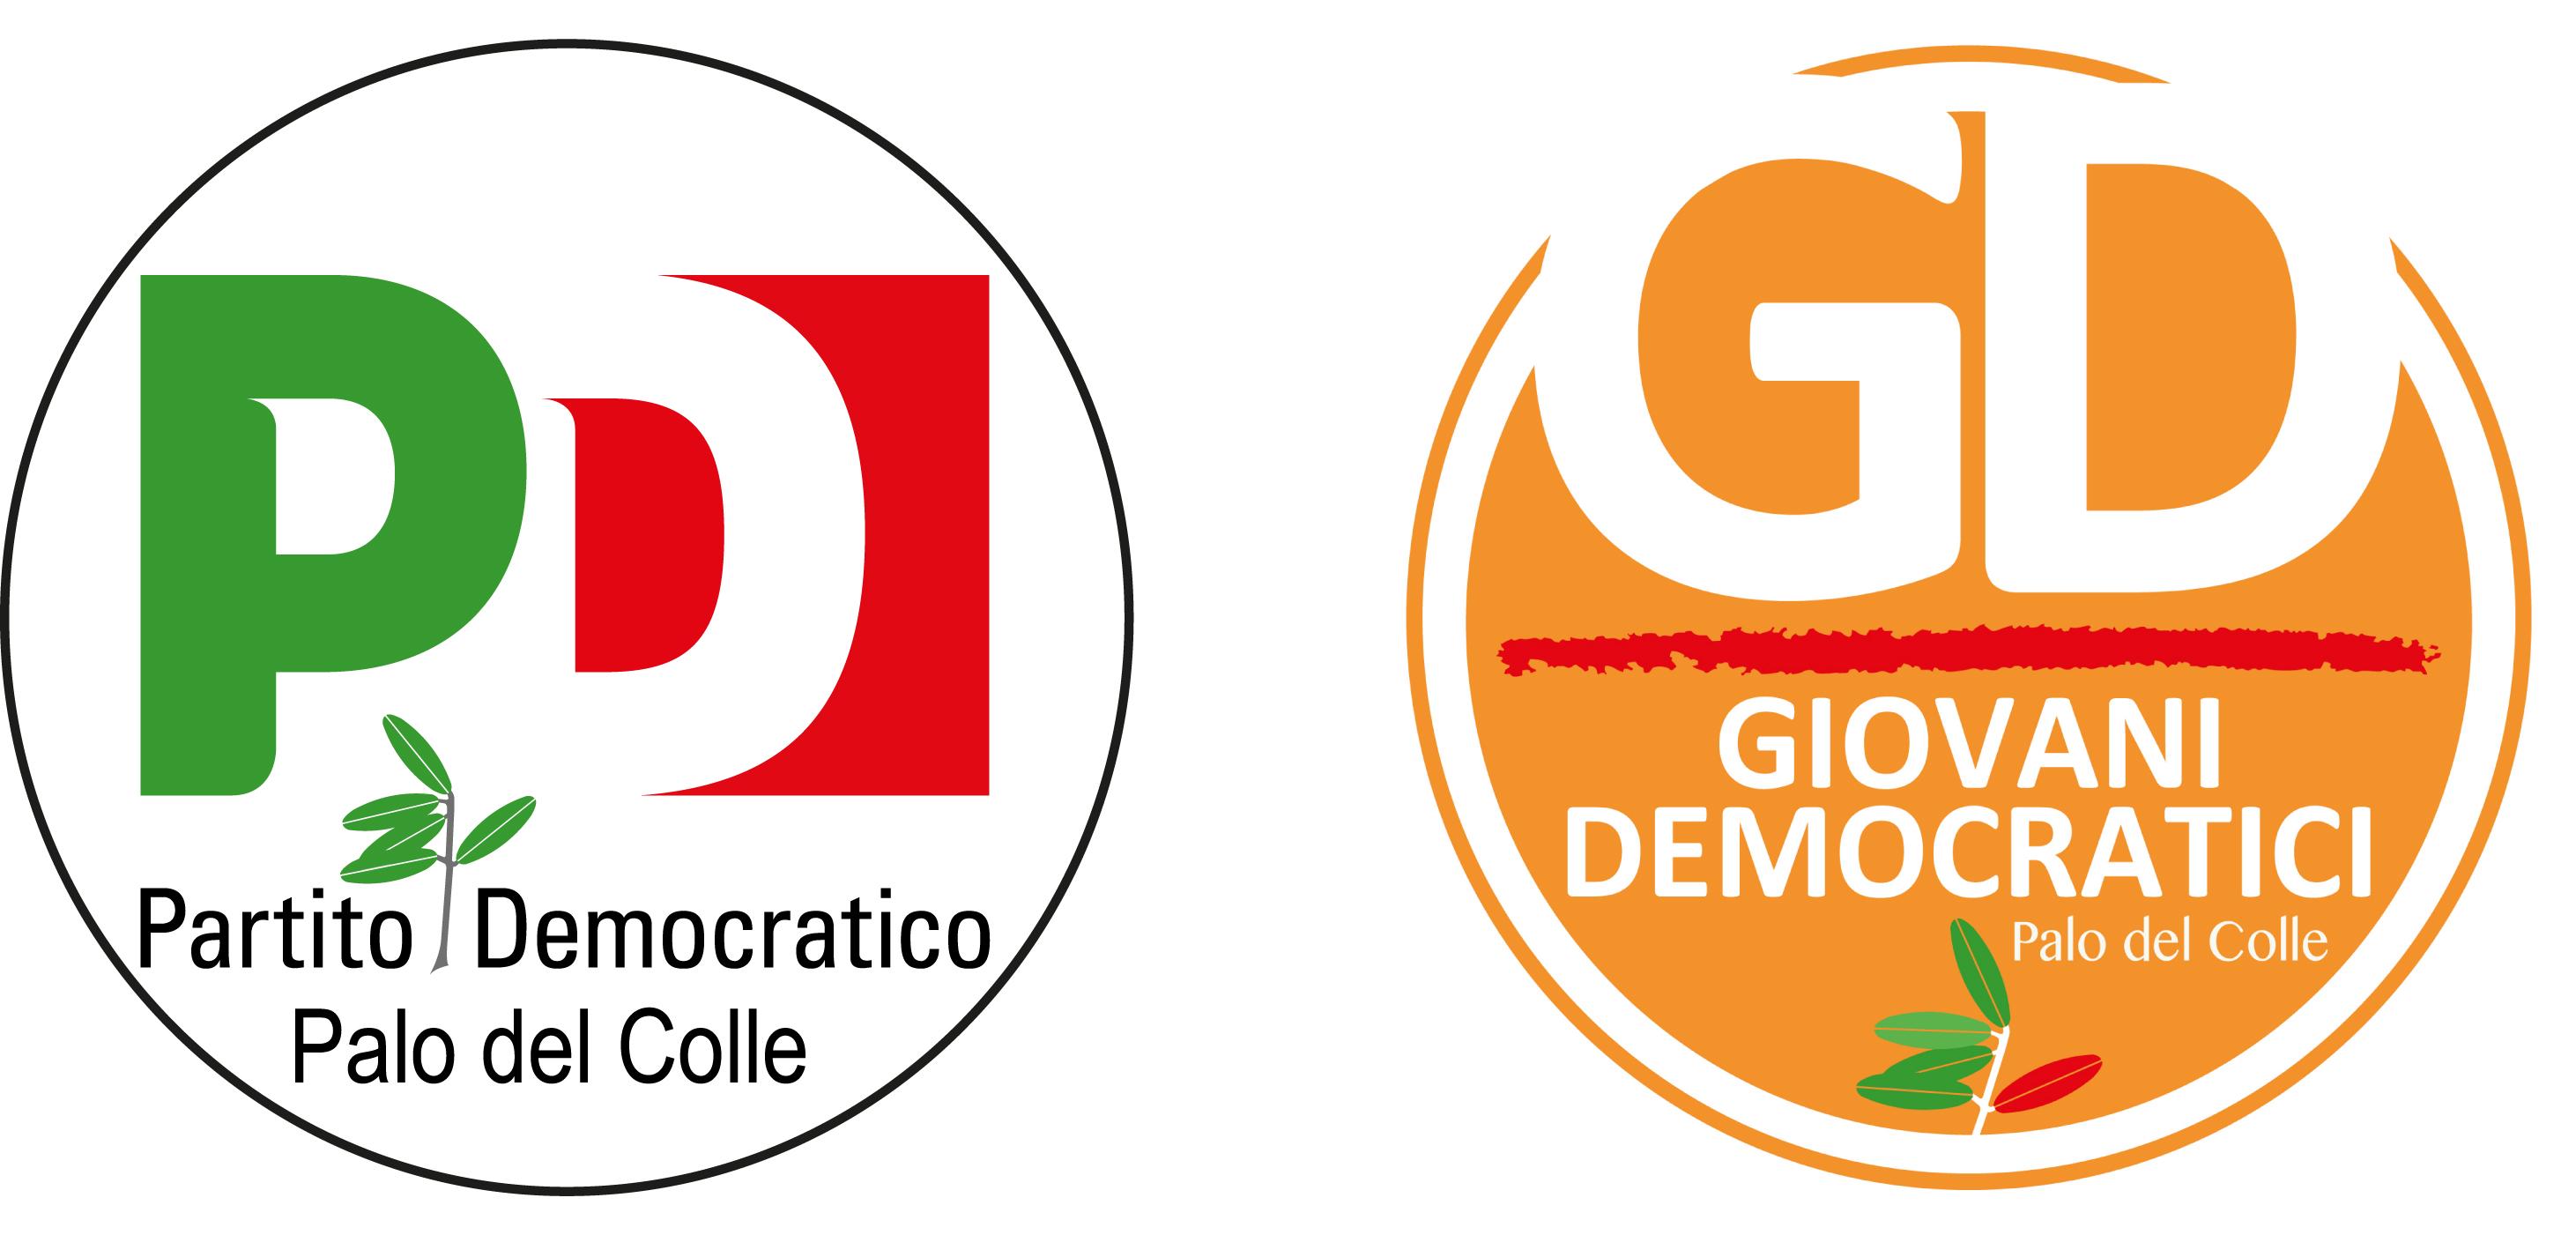 Partito Democratico Palo del Colle